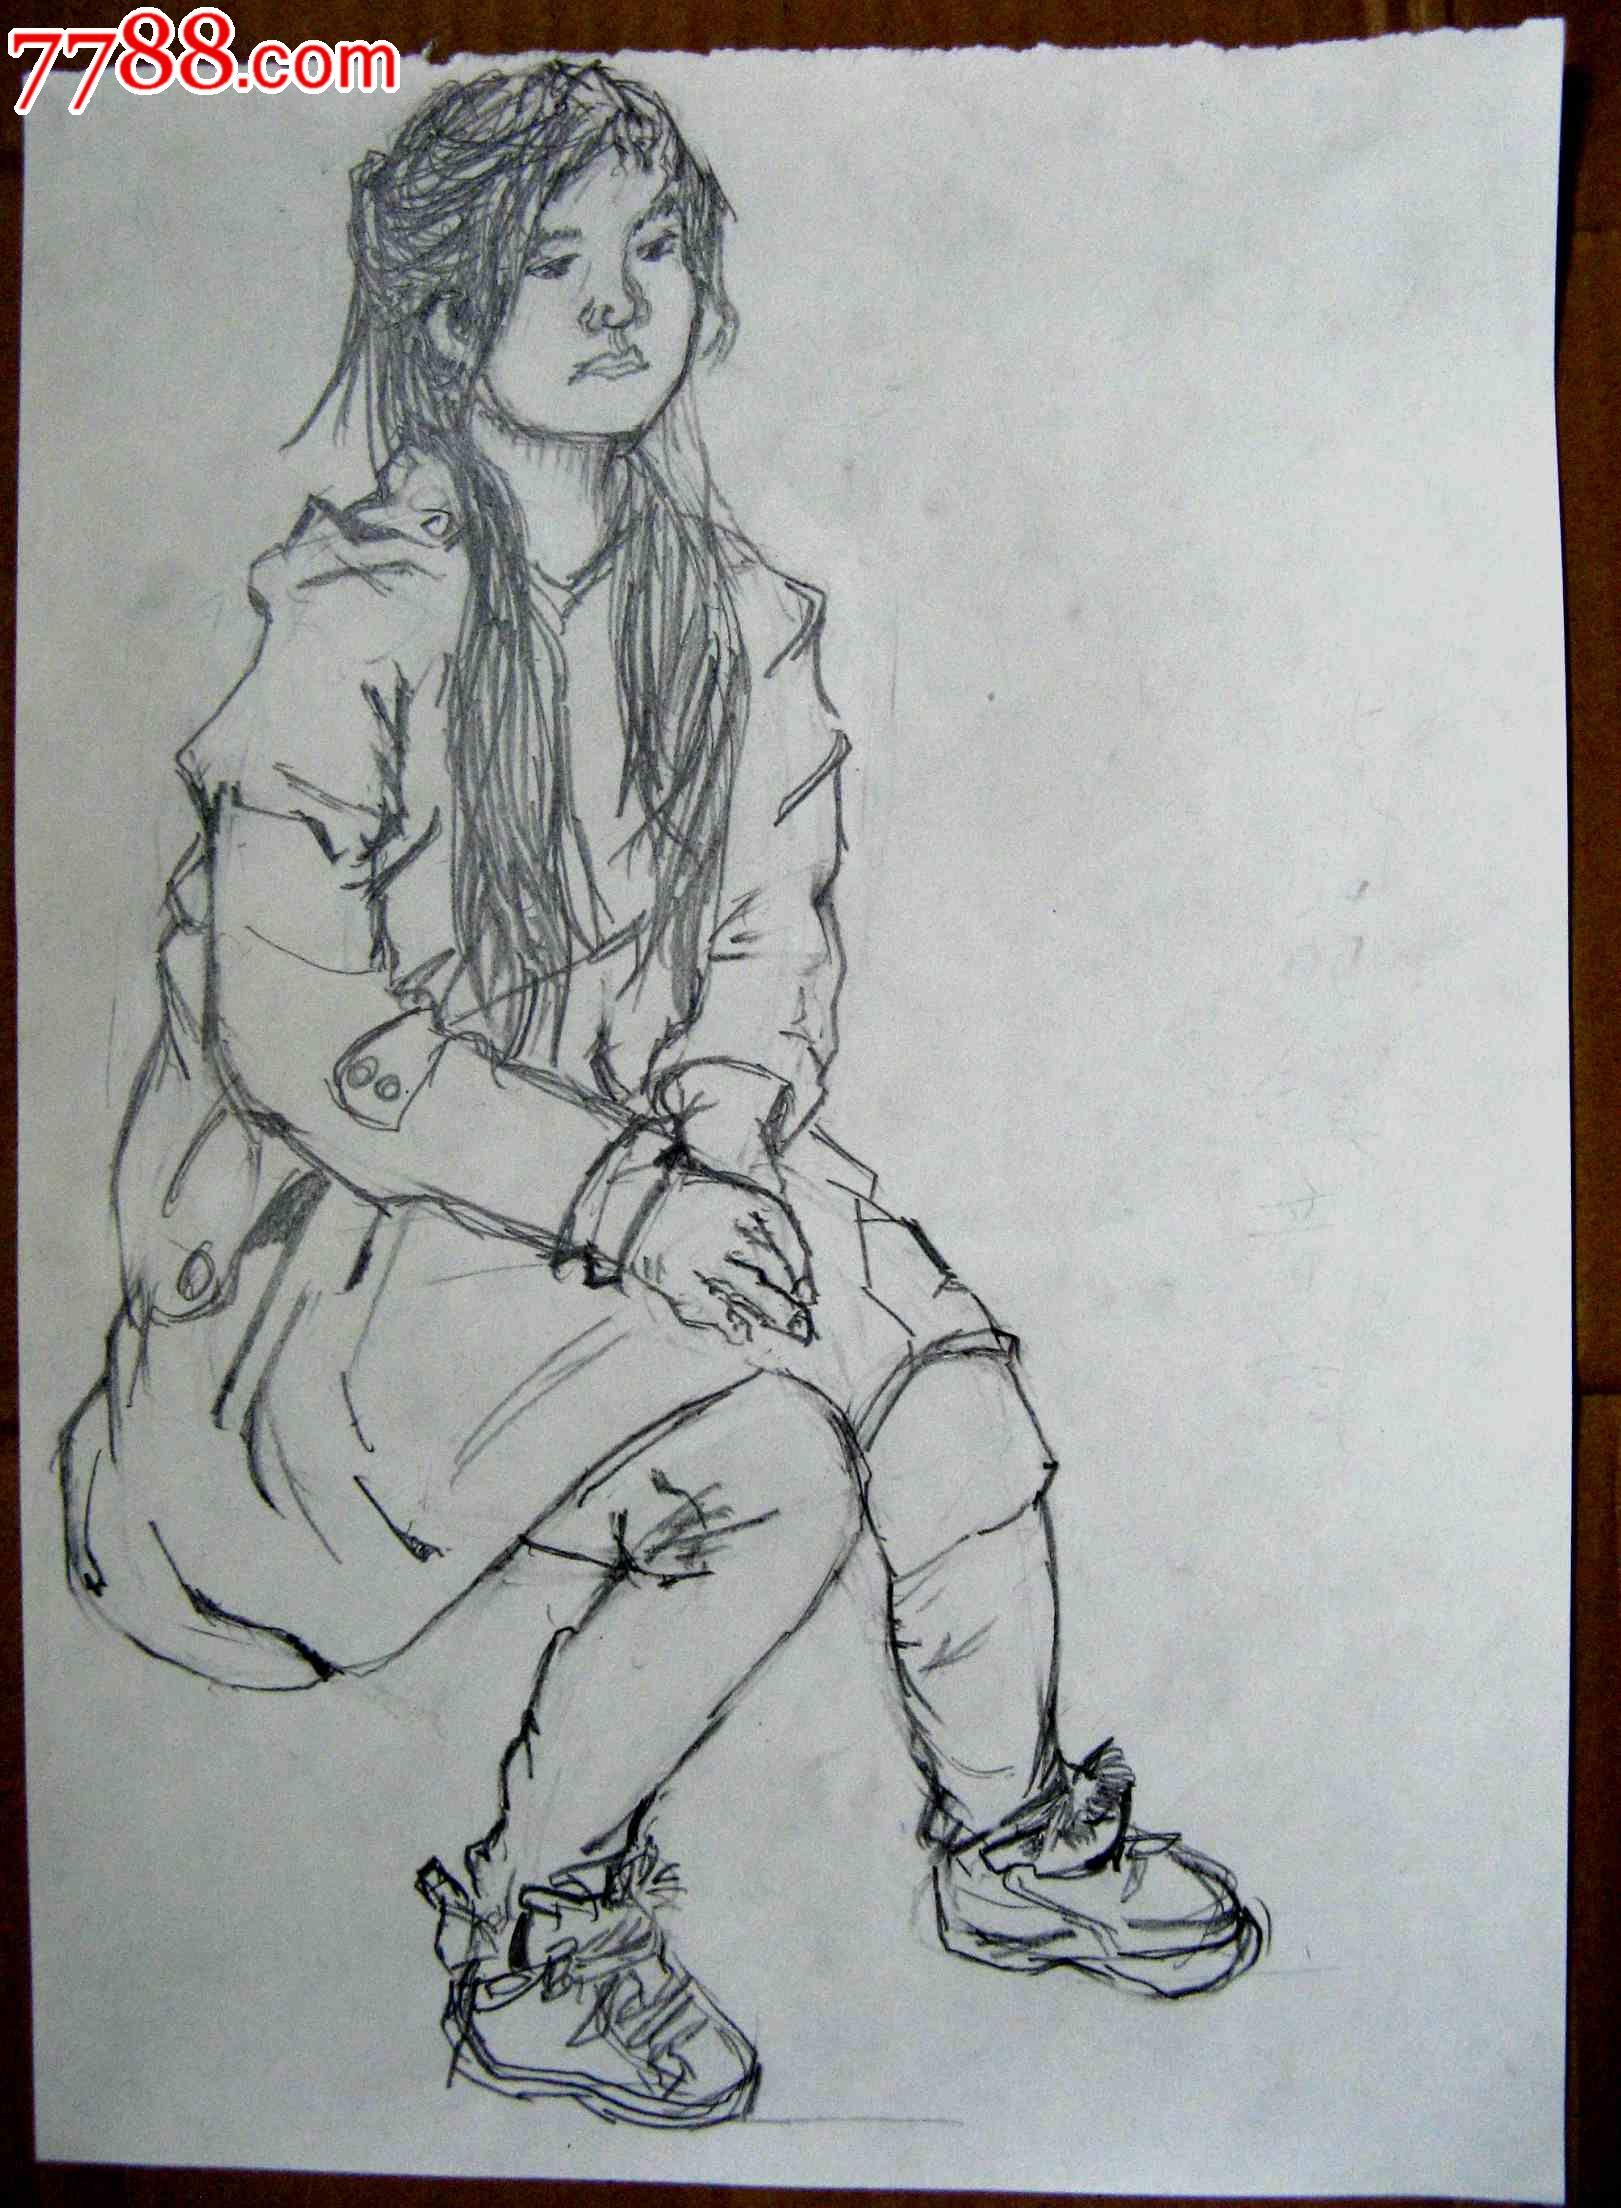 素描人物画2幅:坐着的女生_素描/速写_亮湖藏苑【中国